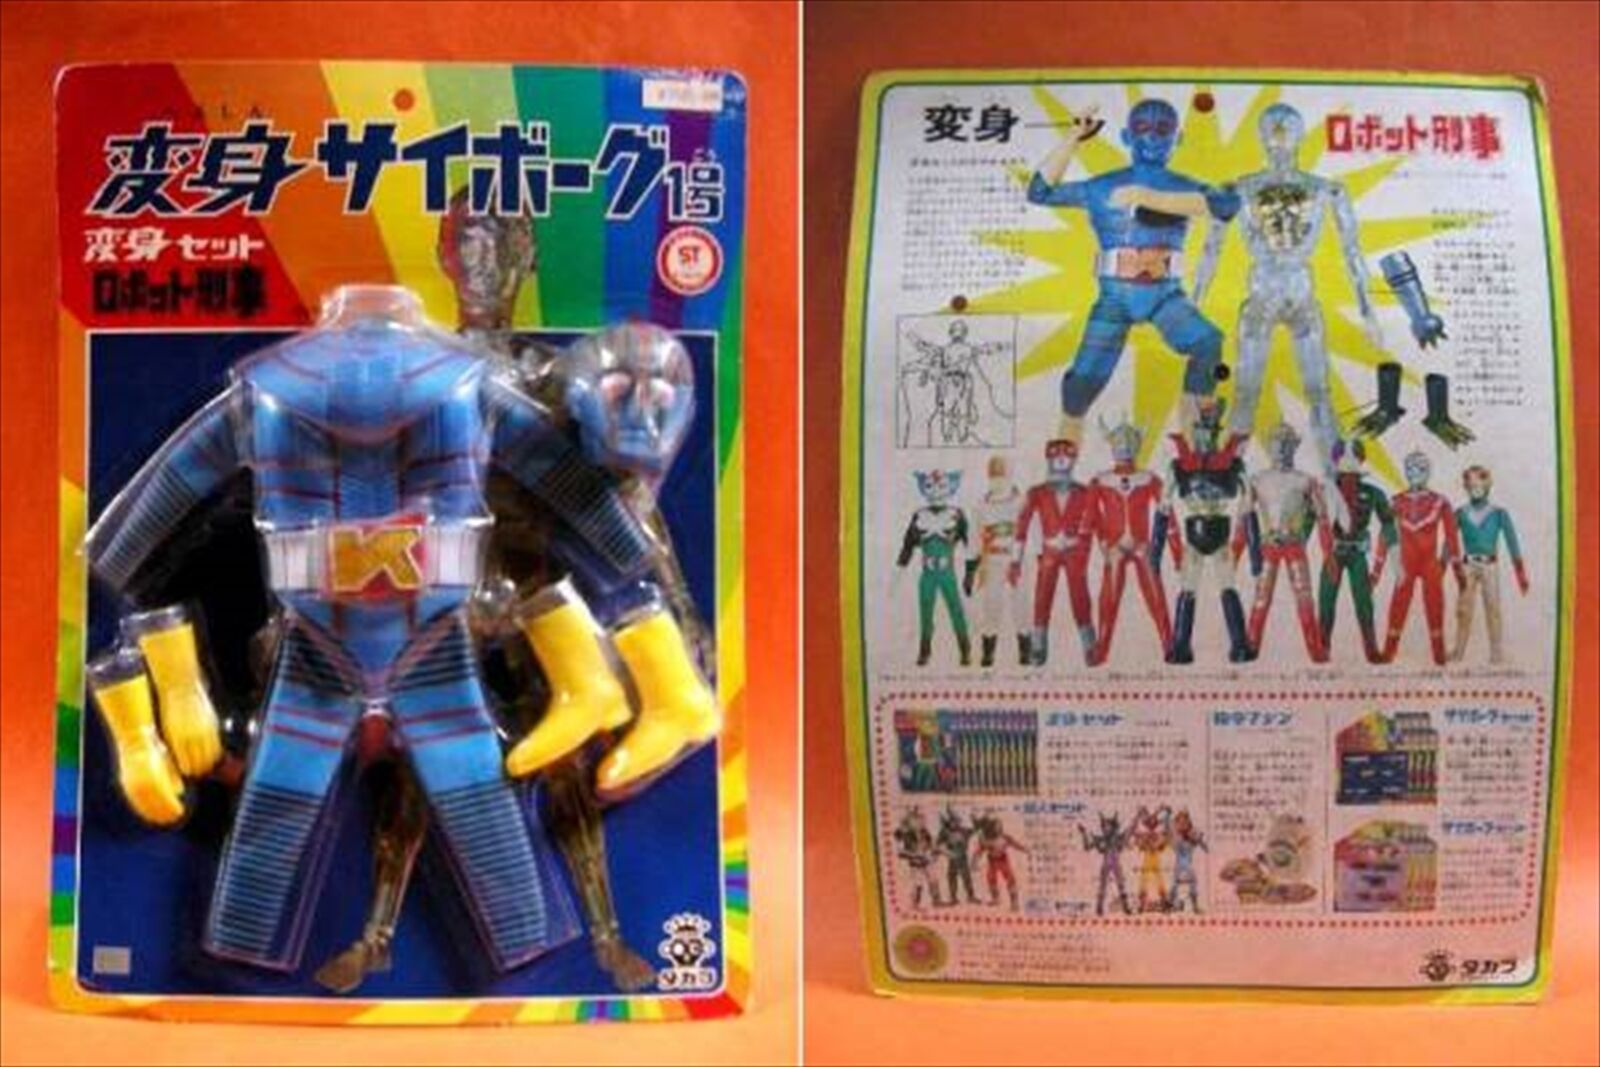 nueva gama alta exclusiva Rara Vintage Takara 1970s Prendedores Prendedores Prendedores Cyborg No.1 robot detective Prendedores G.i. Joe  Las ventas en línea ahorran un 70%.